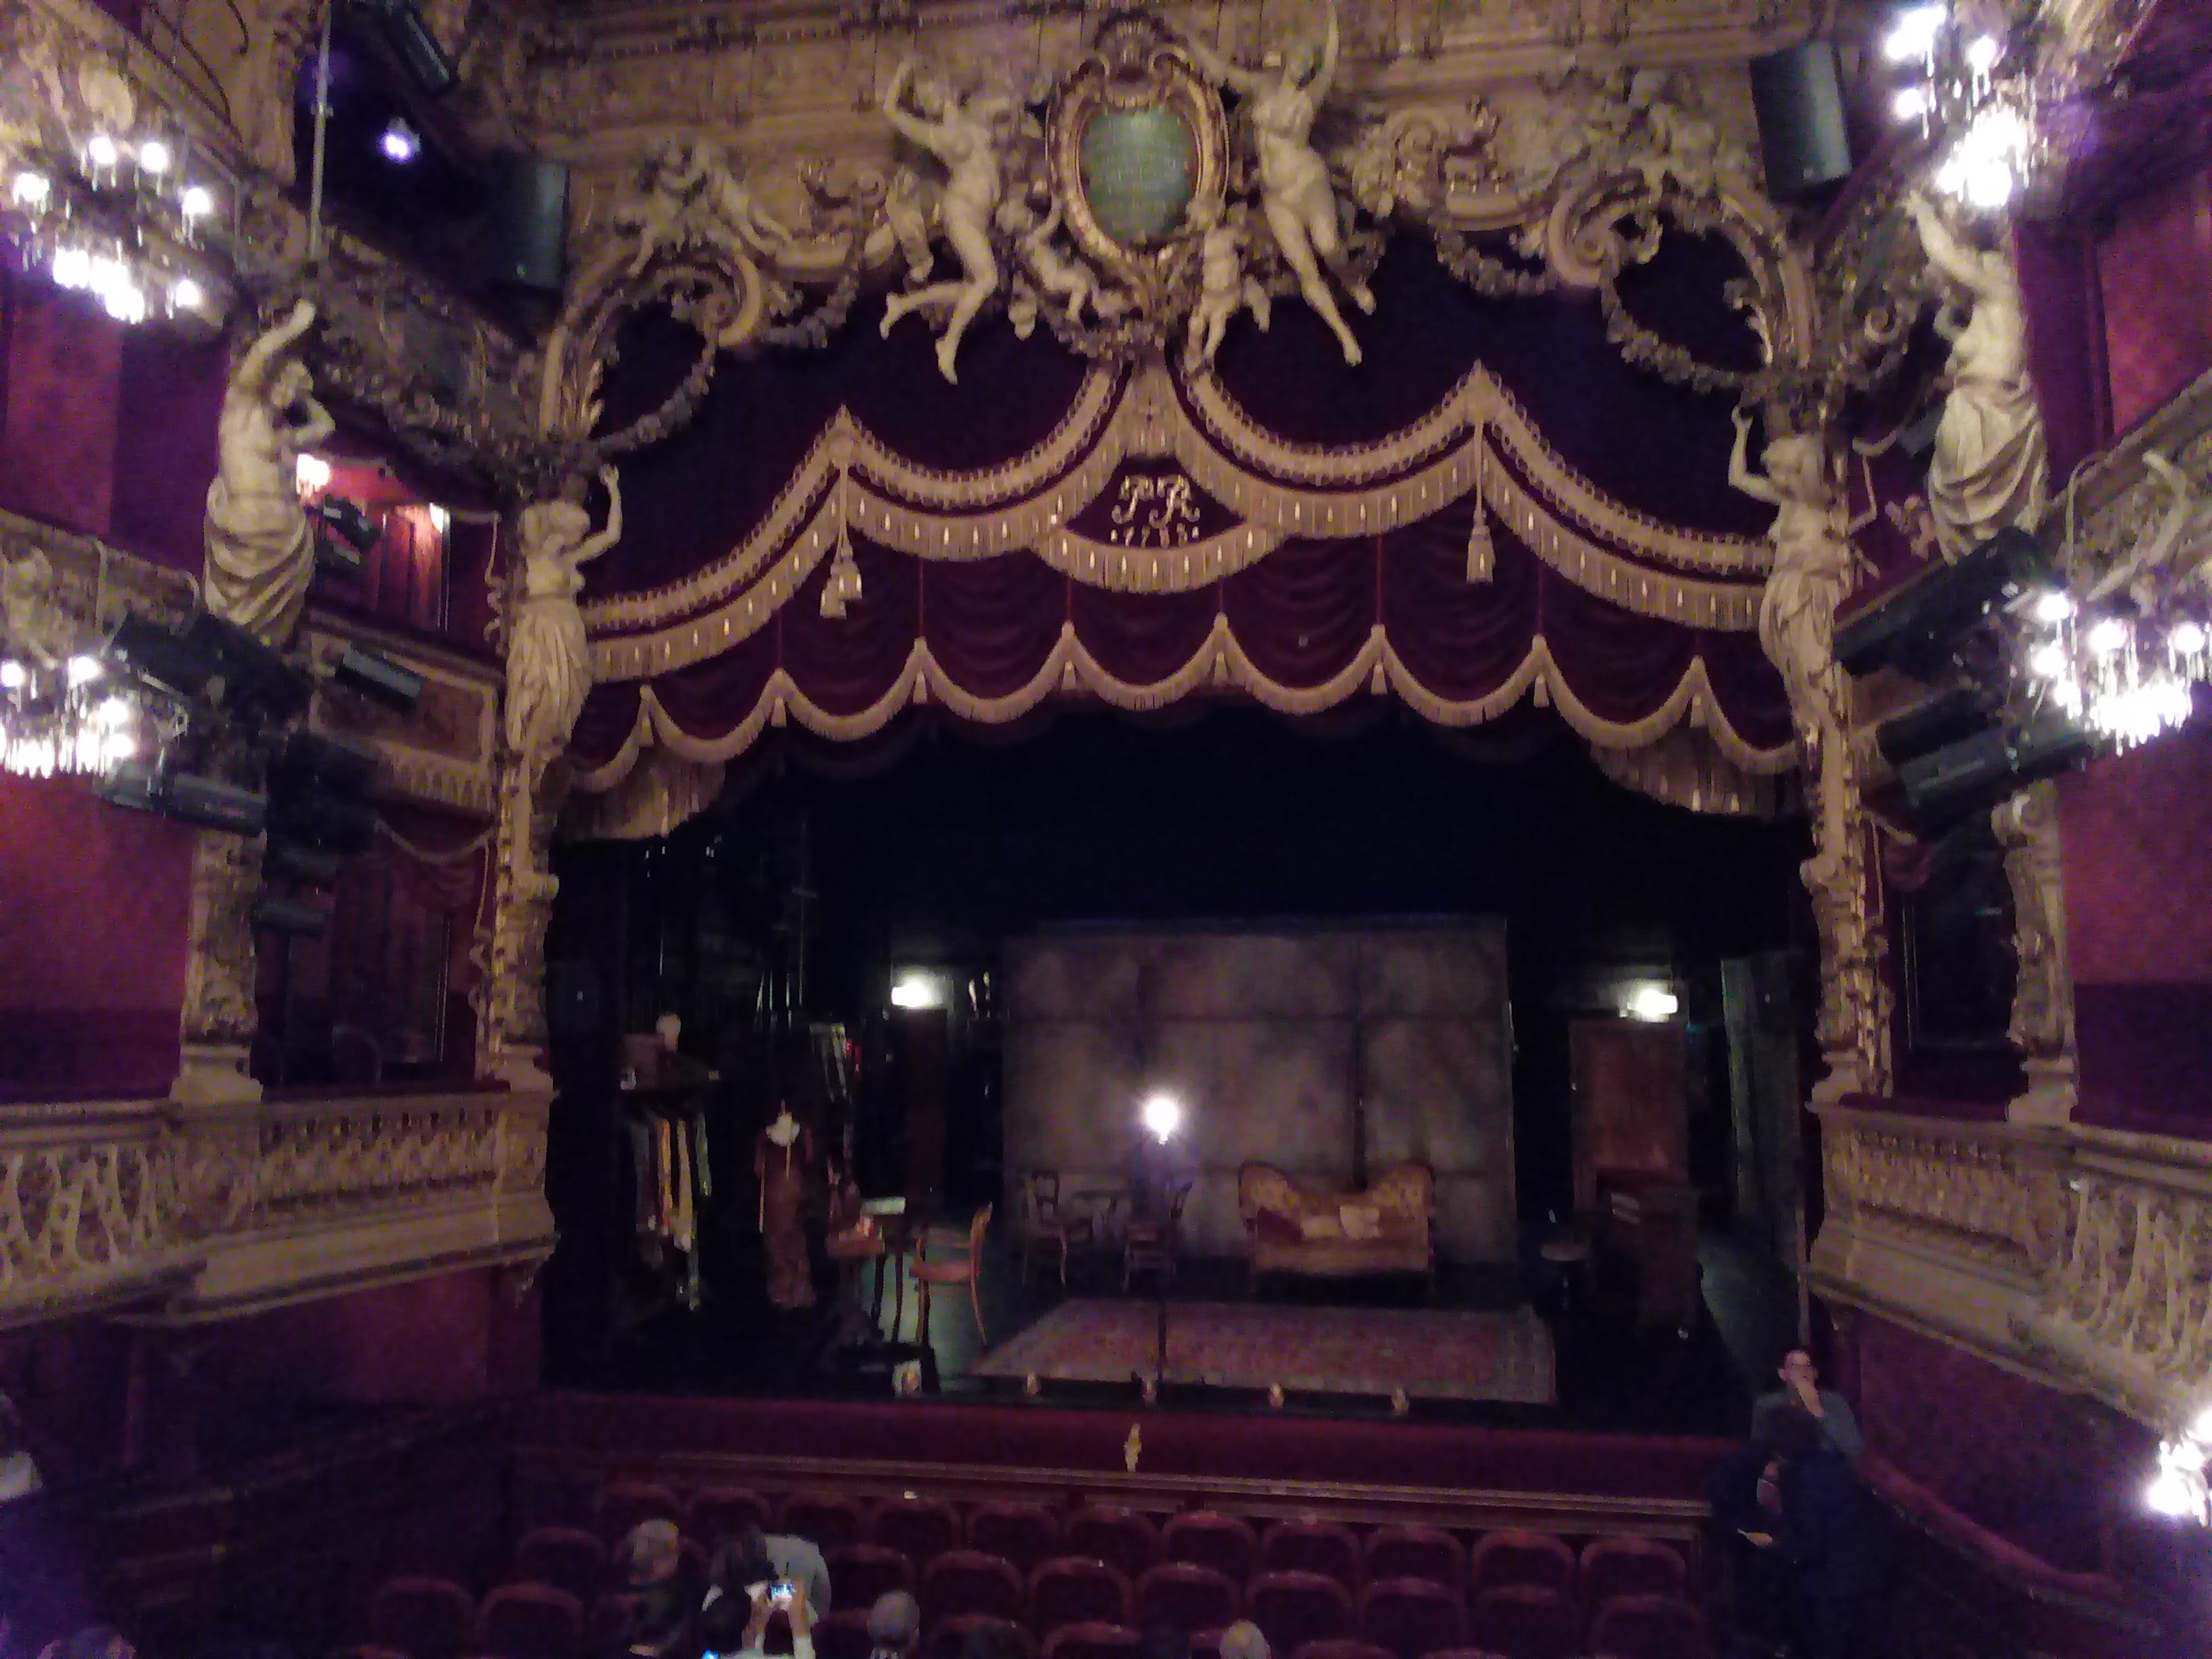 Théâtre du Palais Royal Paris